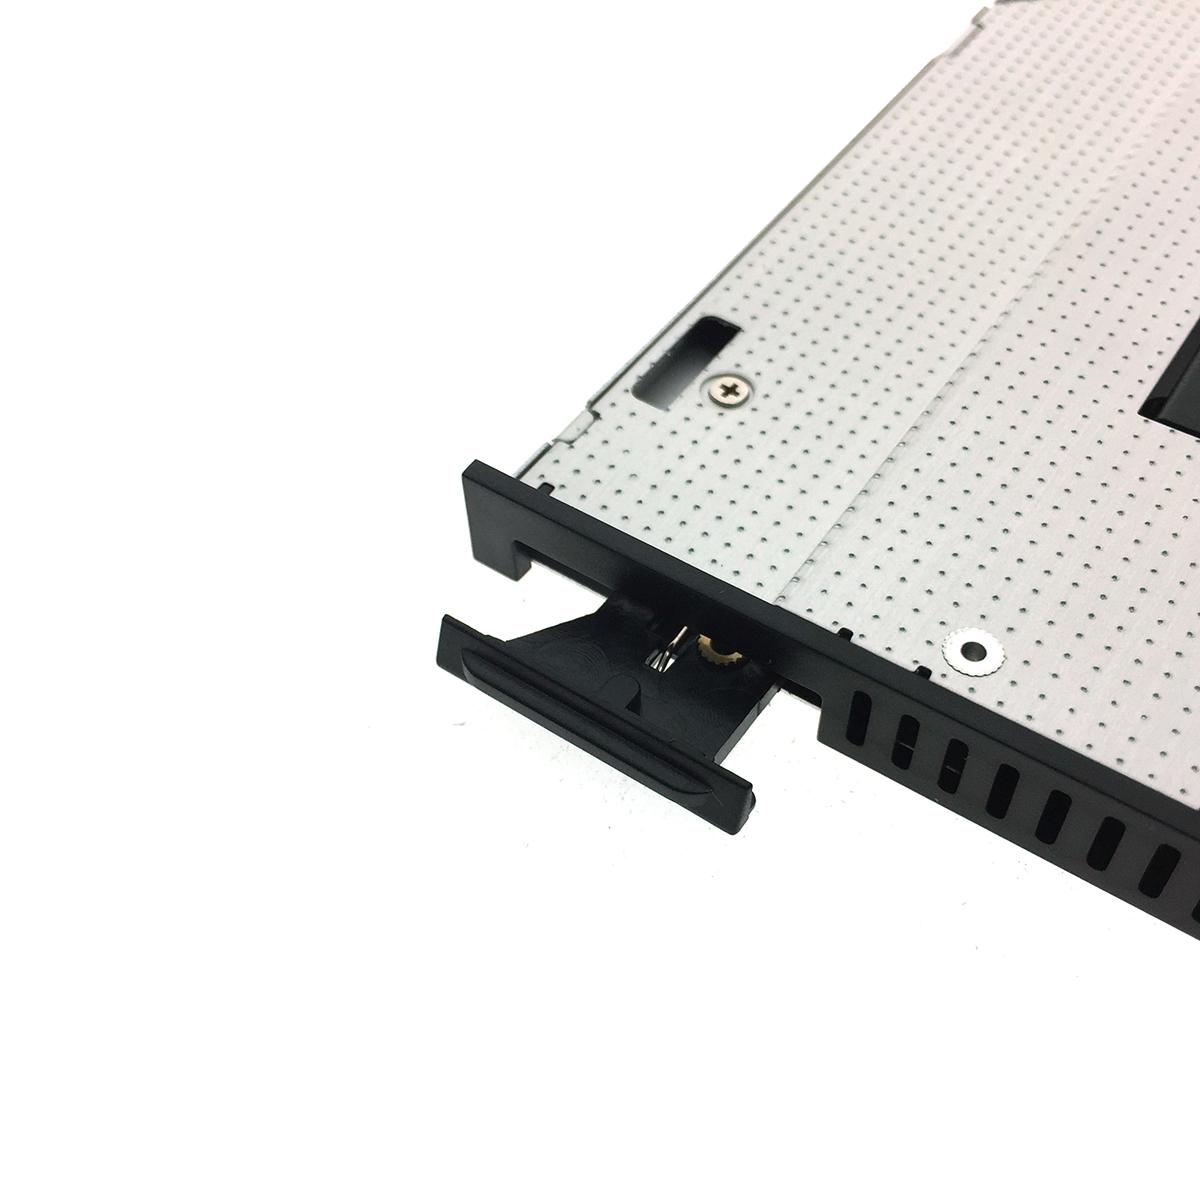 Адаптер оптибей Espada 95M2F NGFF/M2/ SSD to miniSATA 9,5 mm для подключения SSD NGFF/M2/ к ноутбуку вместо DVD со встроенным вентилятором /кулером/